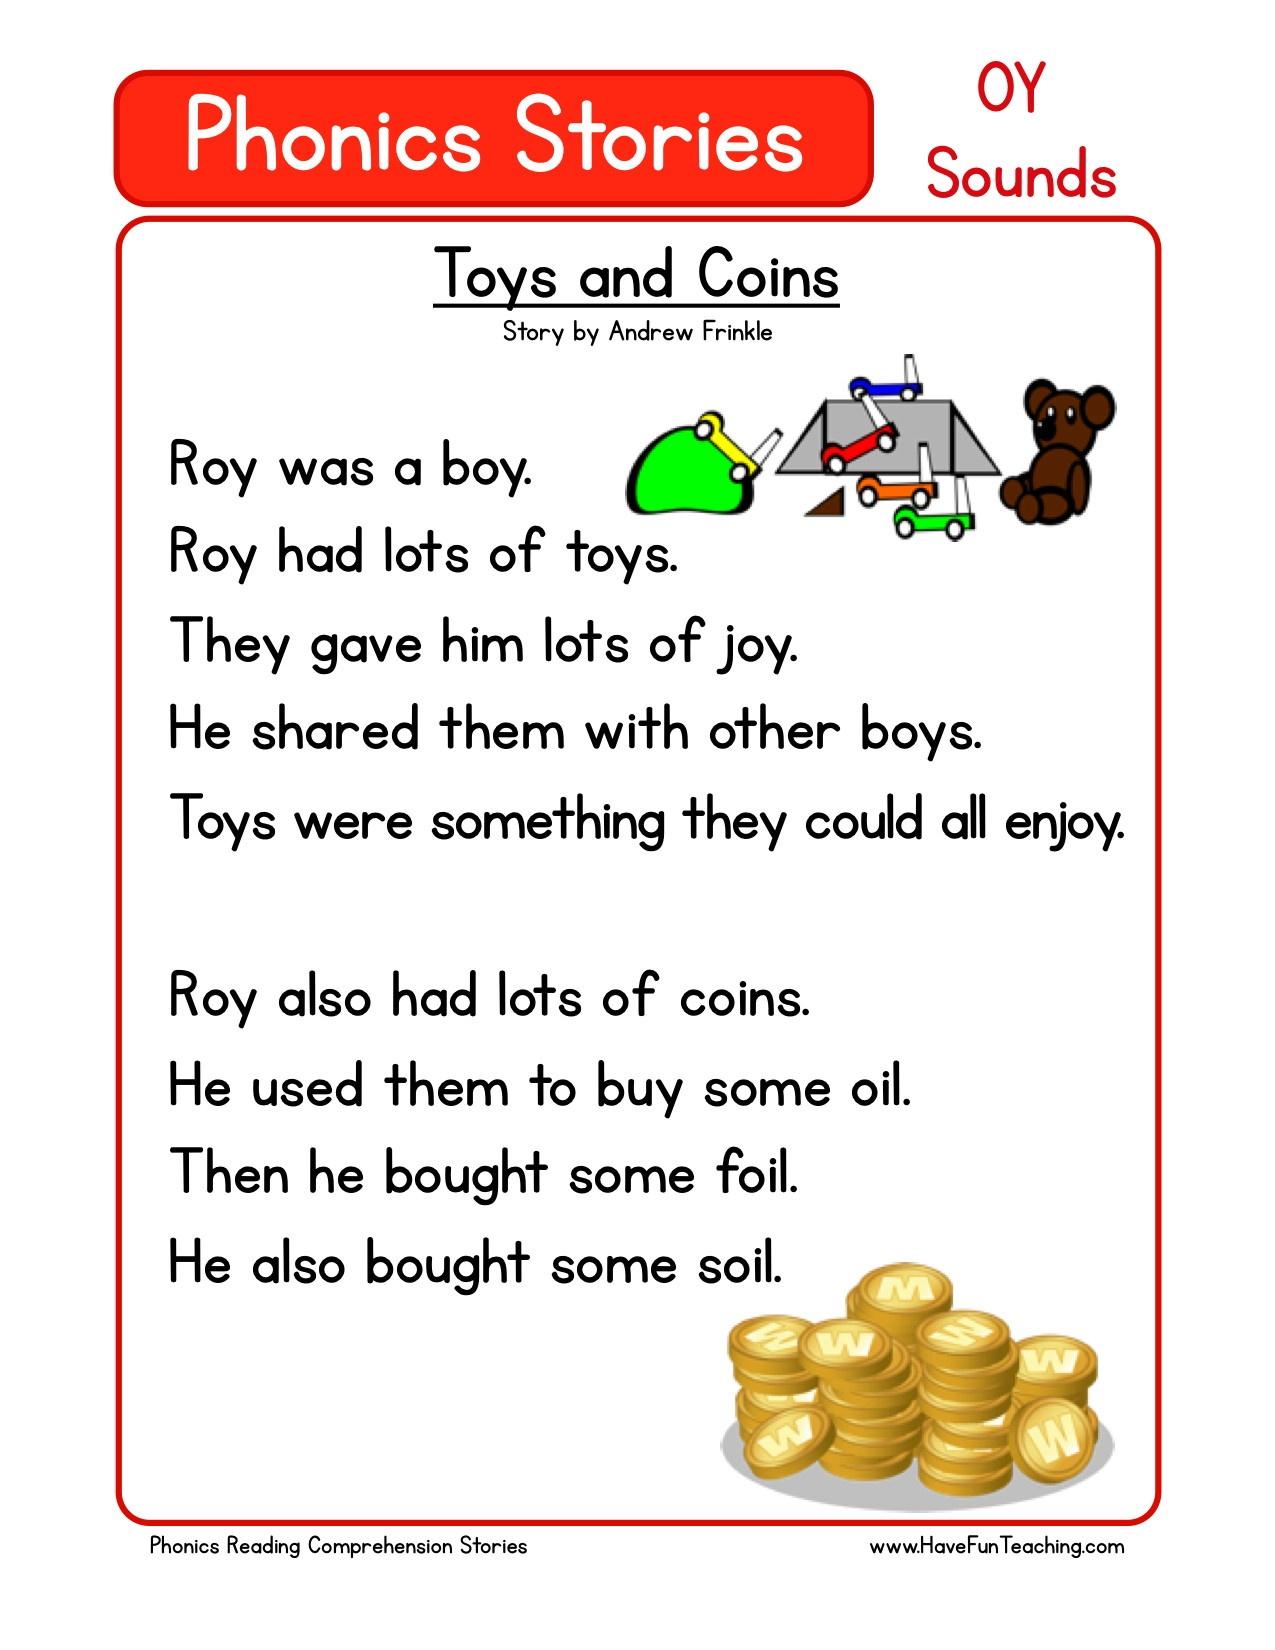 Worksheet : Free Phonics Reading Comprehension Oy Sounds Worksheets - Free Printable Leveled Readers For Kindergarten